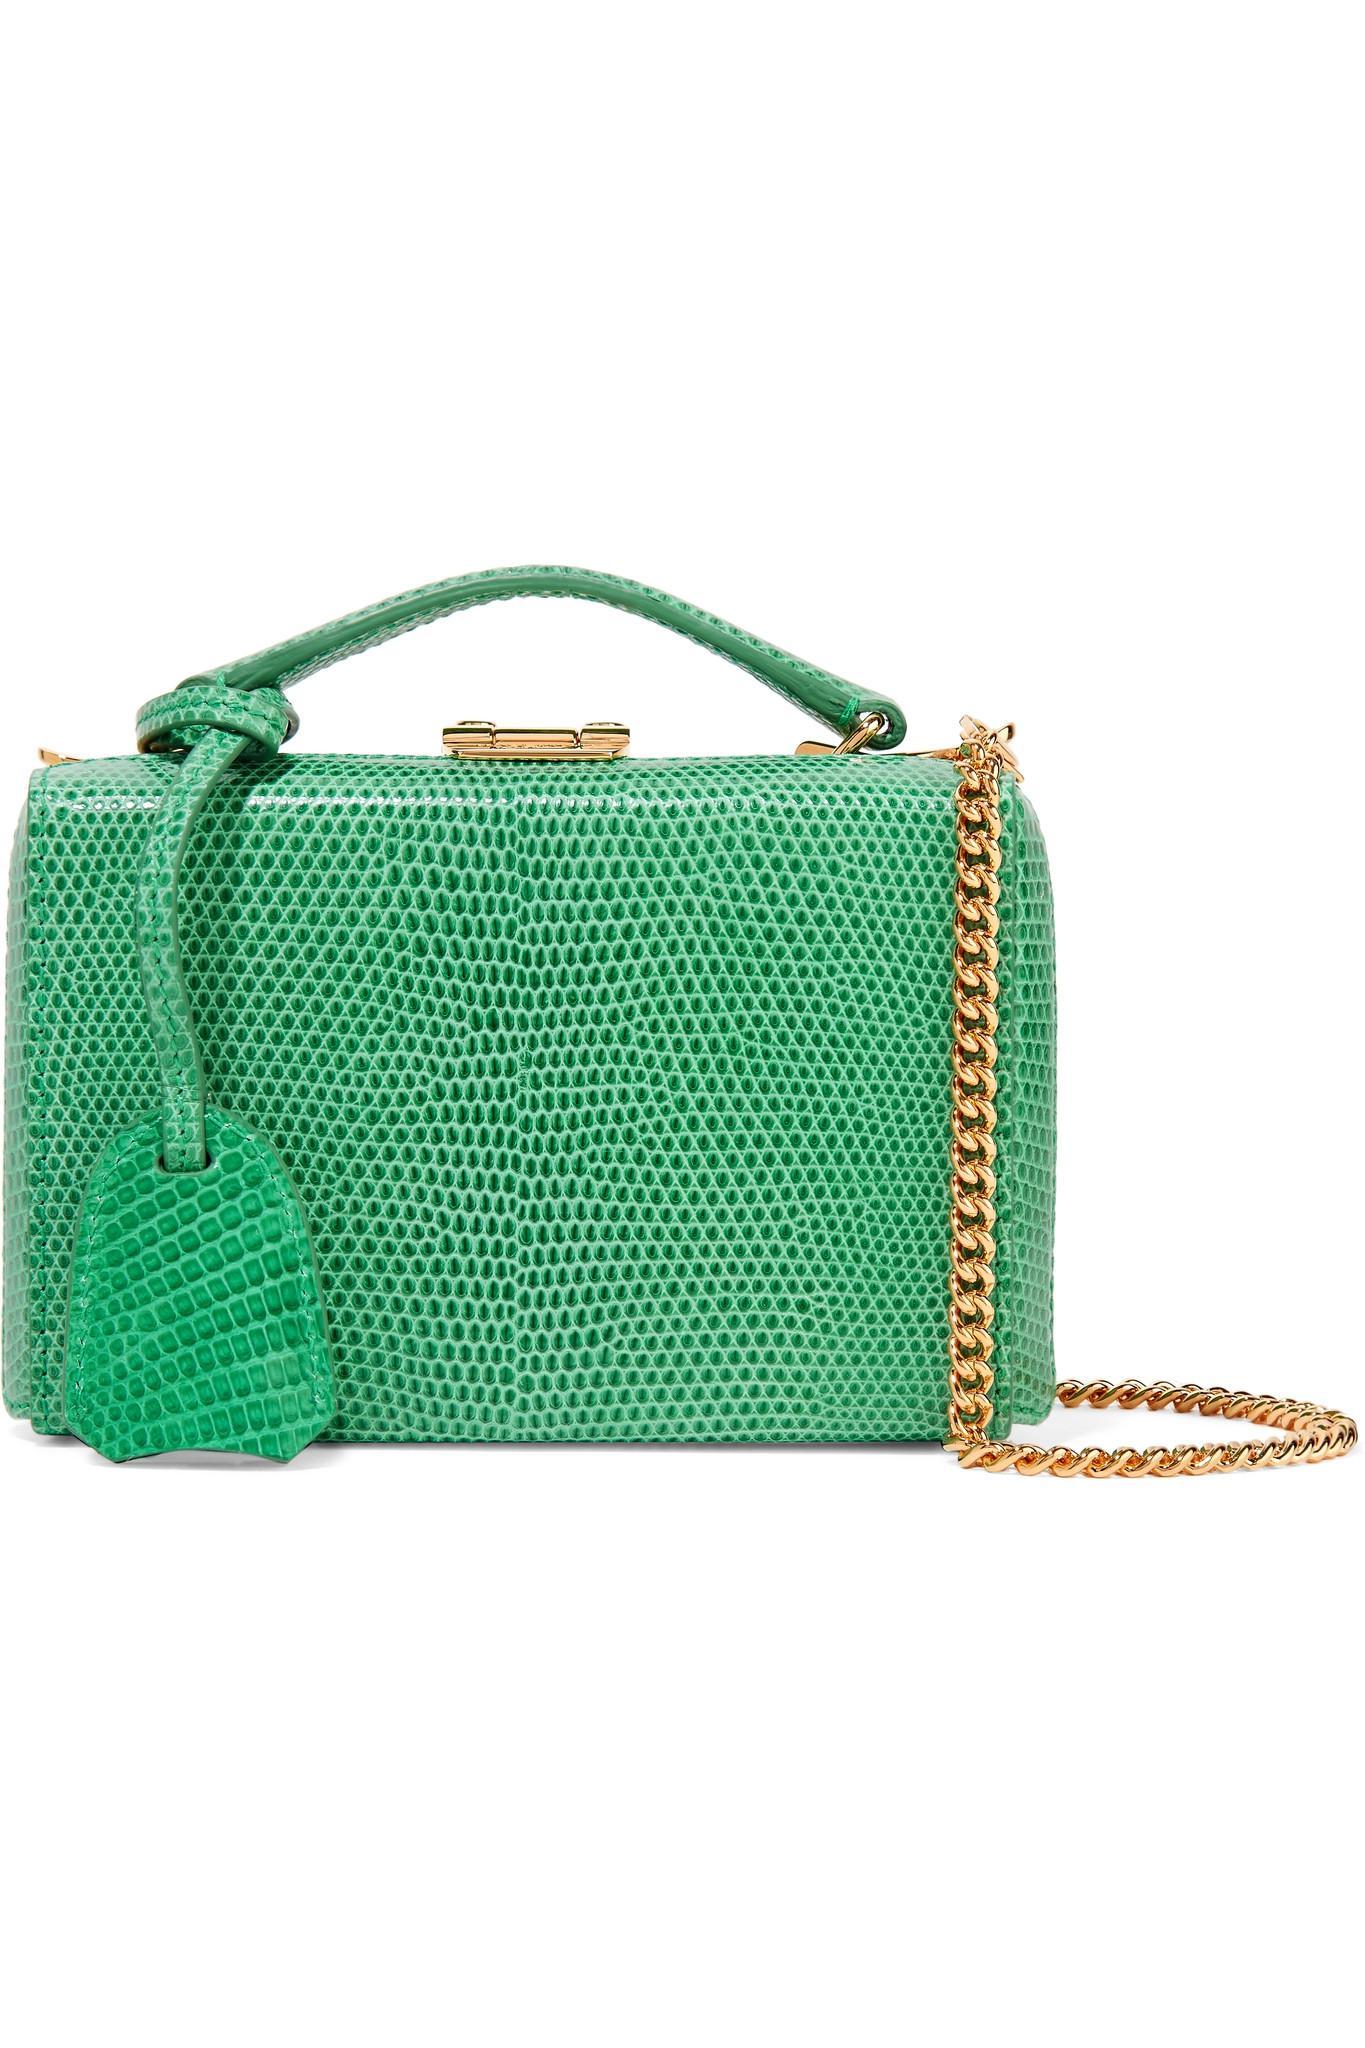 894d101864e3 Mark Cross Grace Mini Lizard Shoulder Bag in Green - Lyst